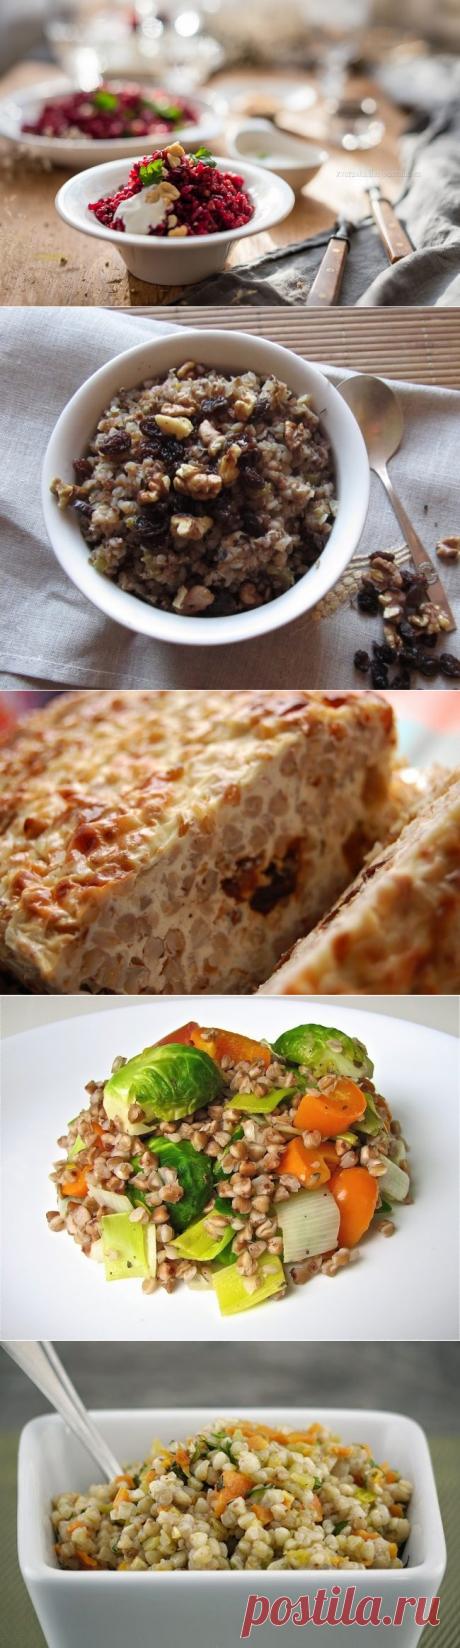 5 recetas originales con grechkoy